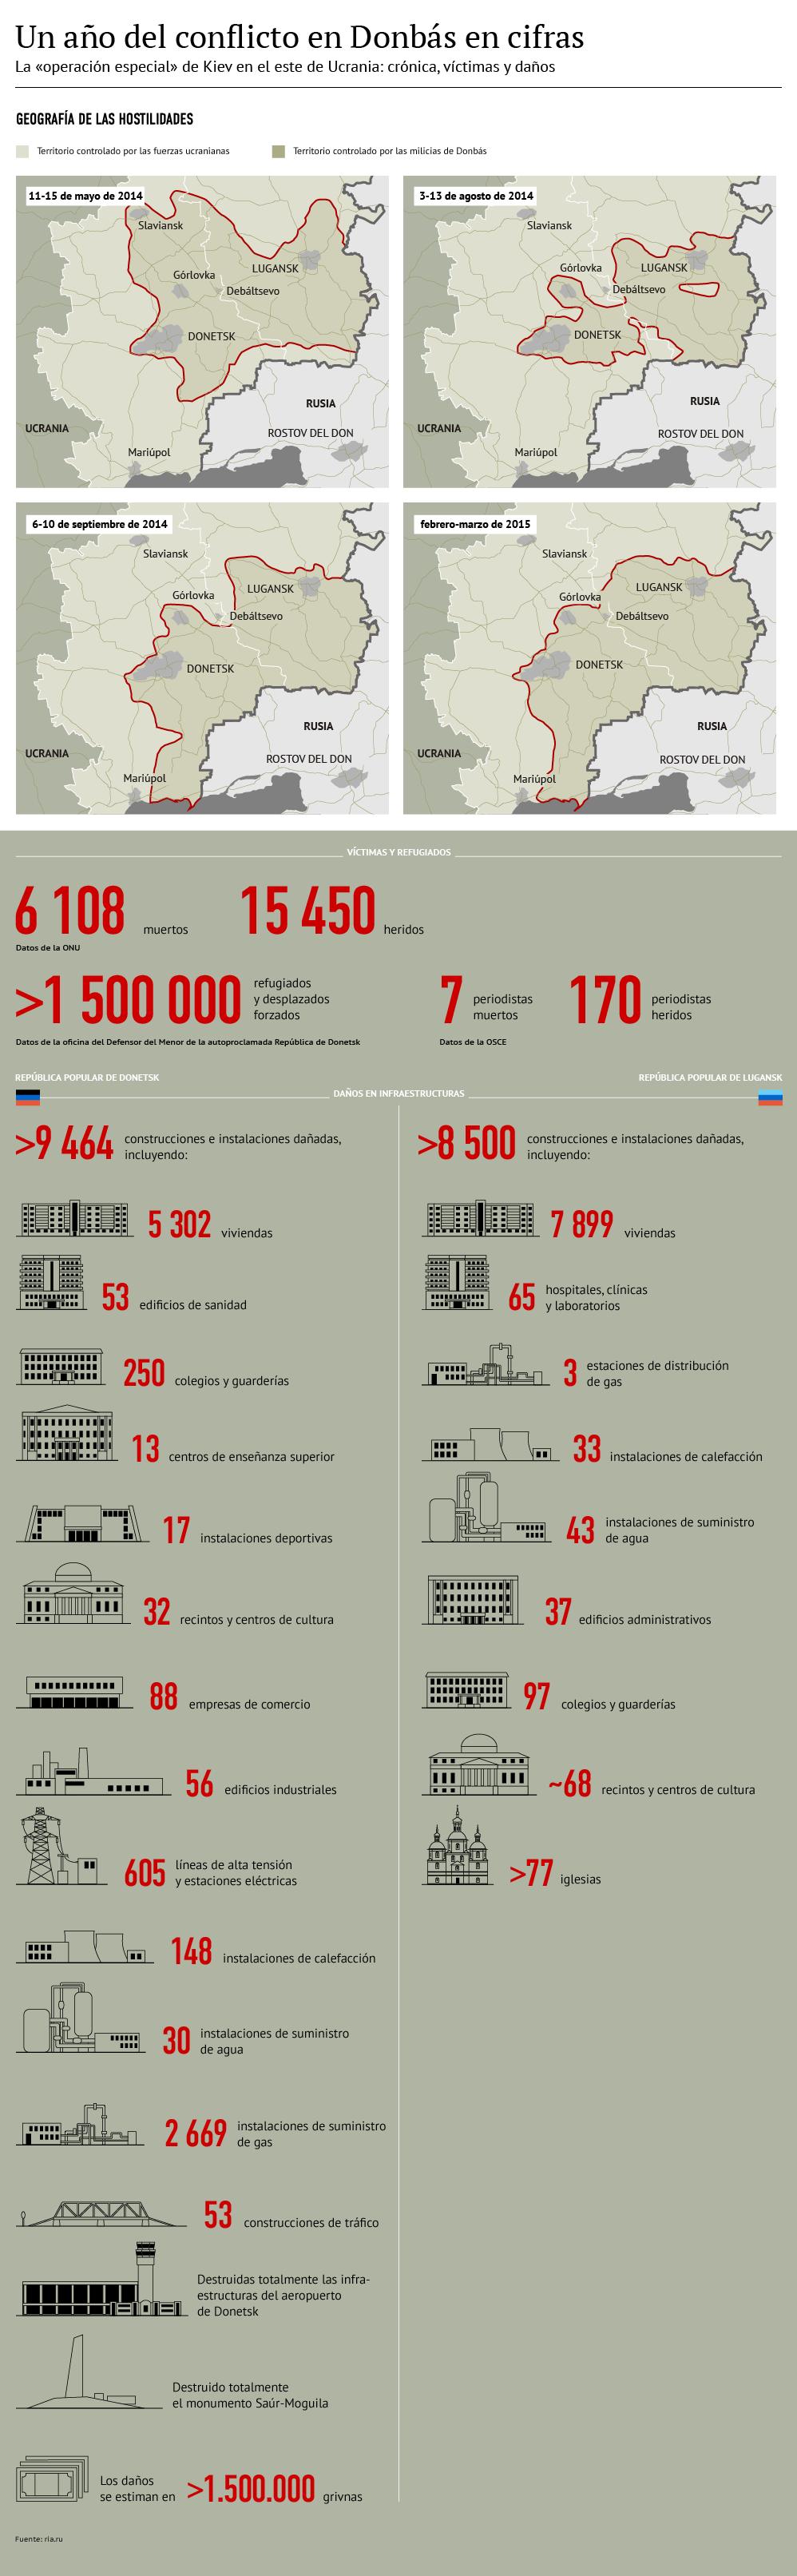 Un año del conflicto en Donbás en cifras